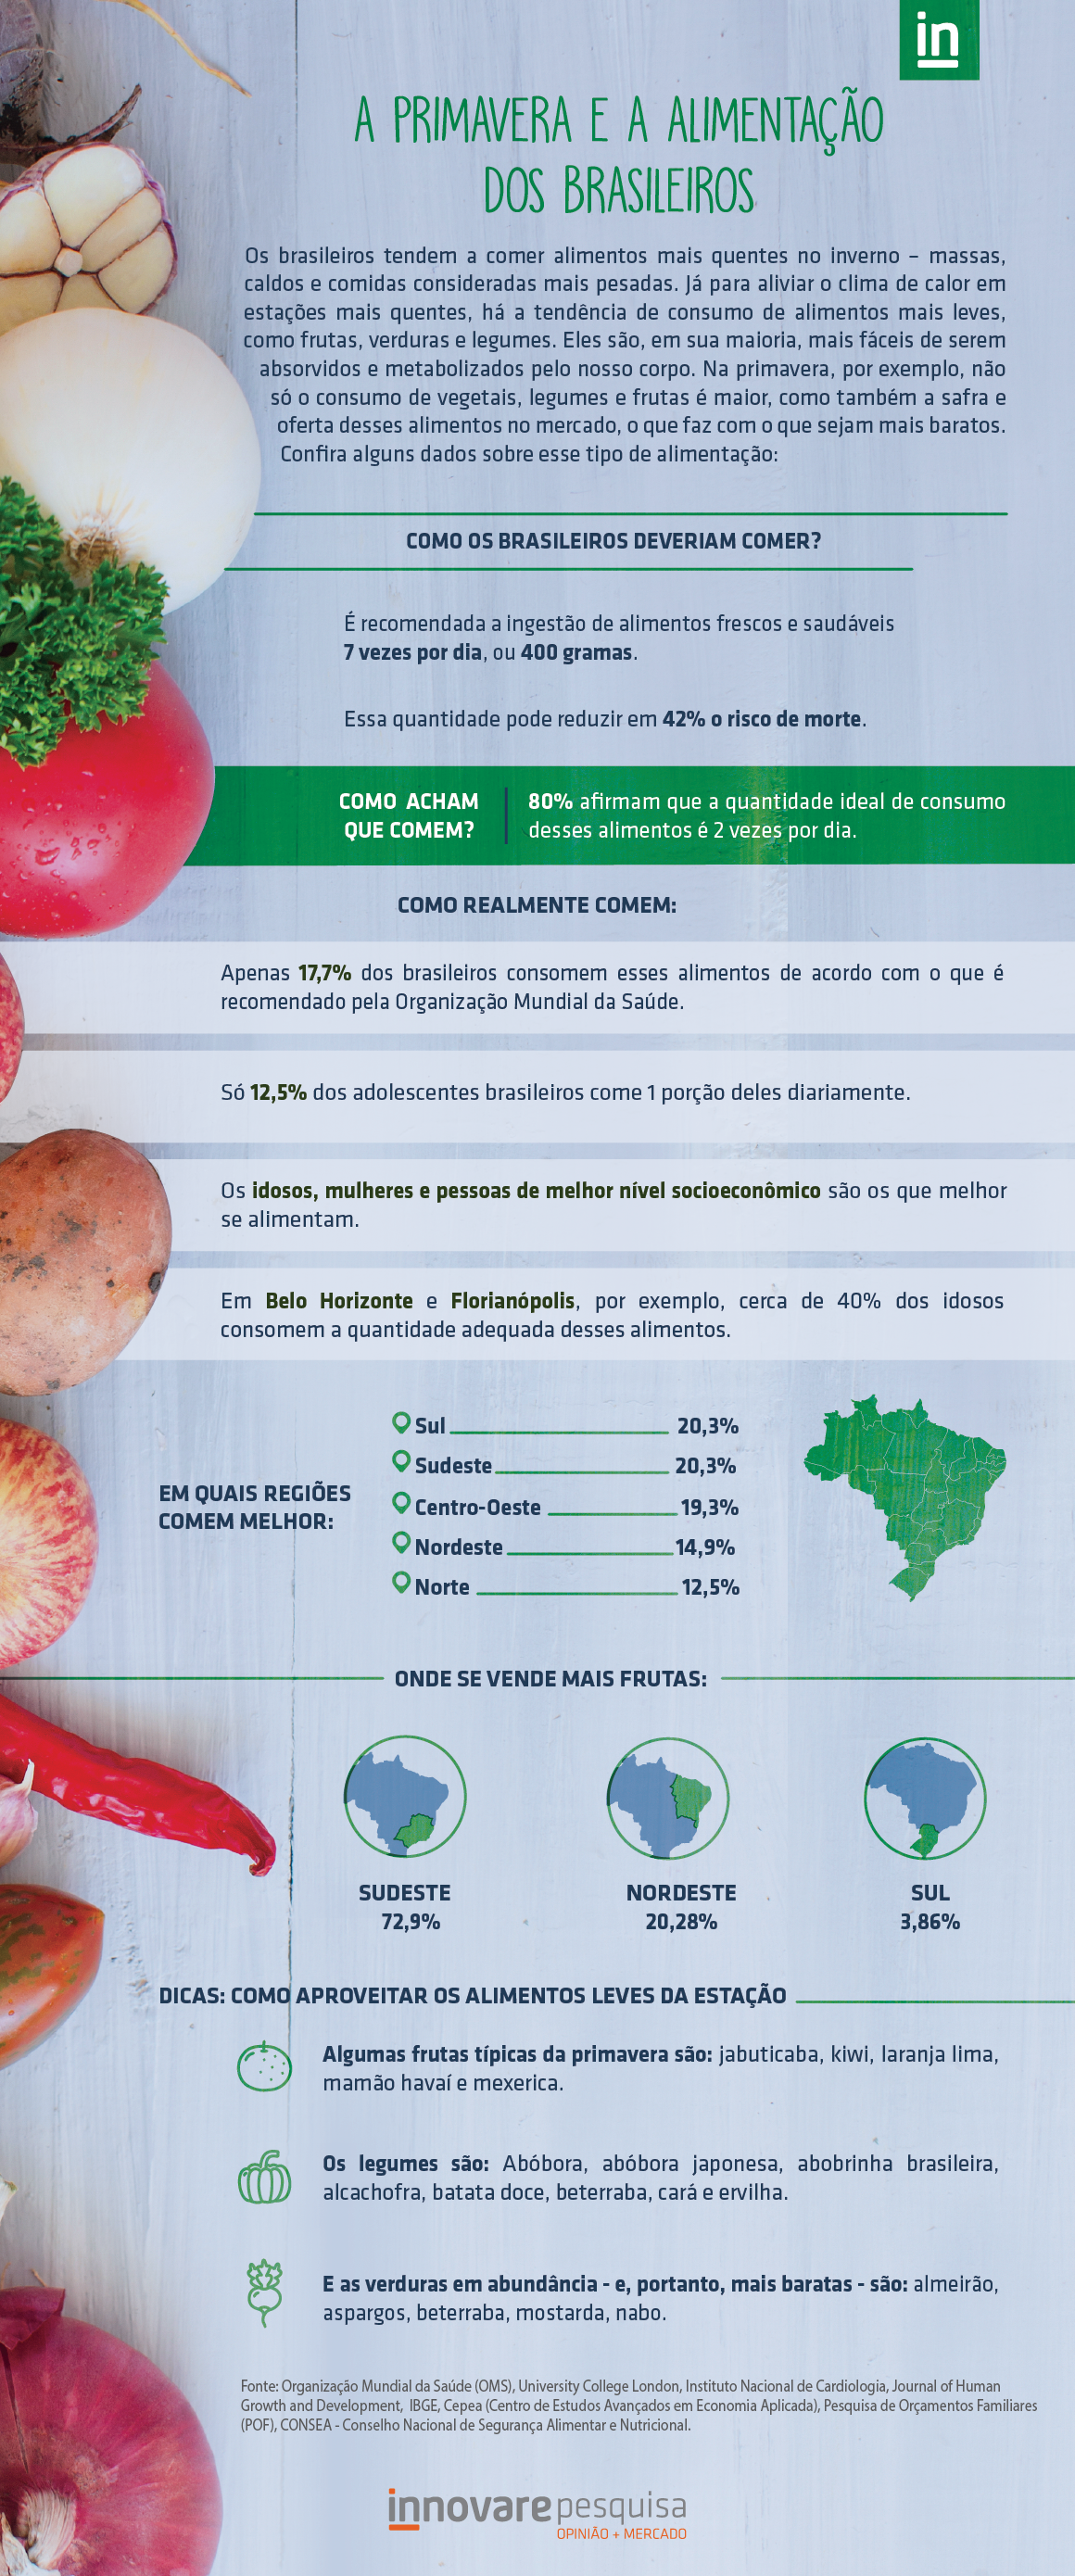 a-primavera-e-a-alimentacao-dos-brasileiros